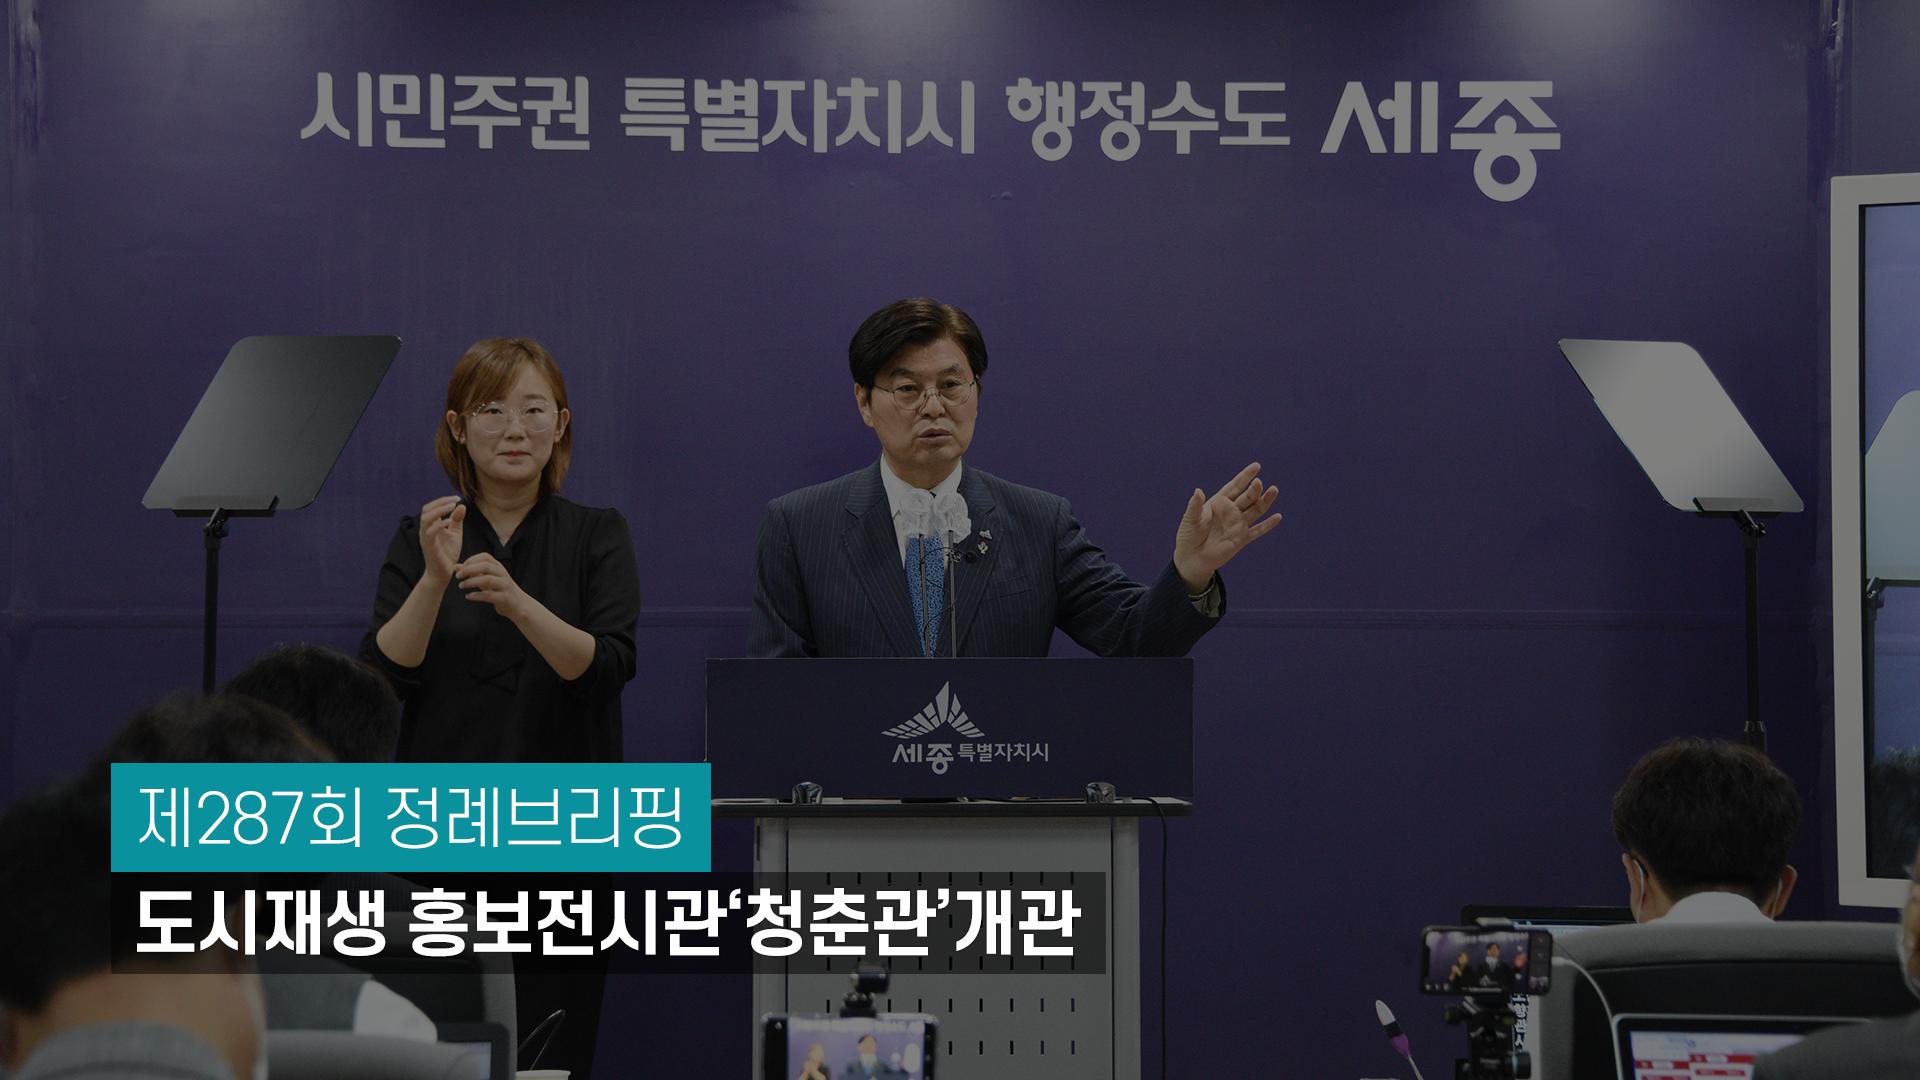 <287번째 정례브리핑> 도시재생 홍보전시관 ′청춘관′ 개관